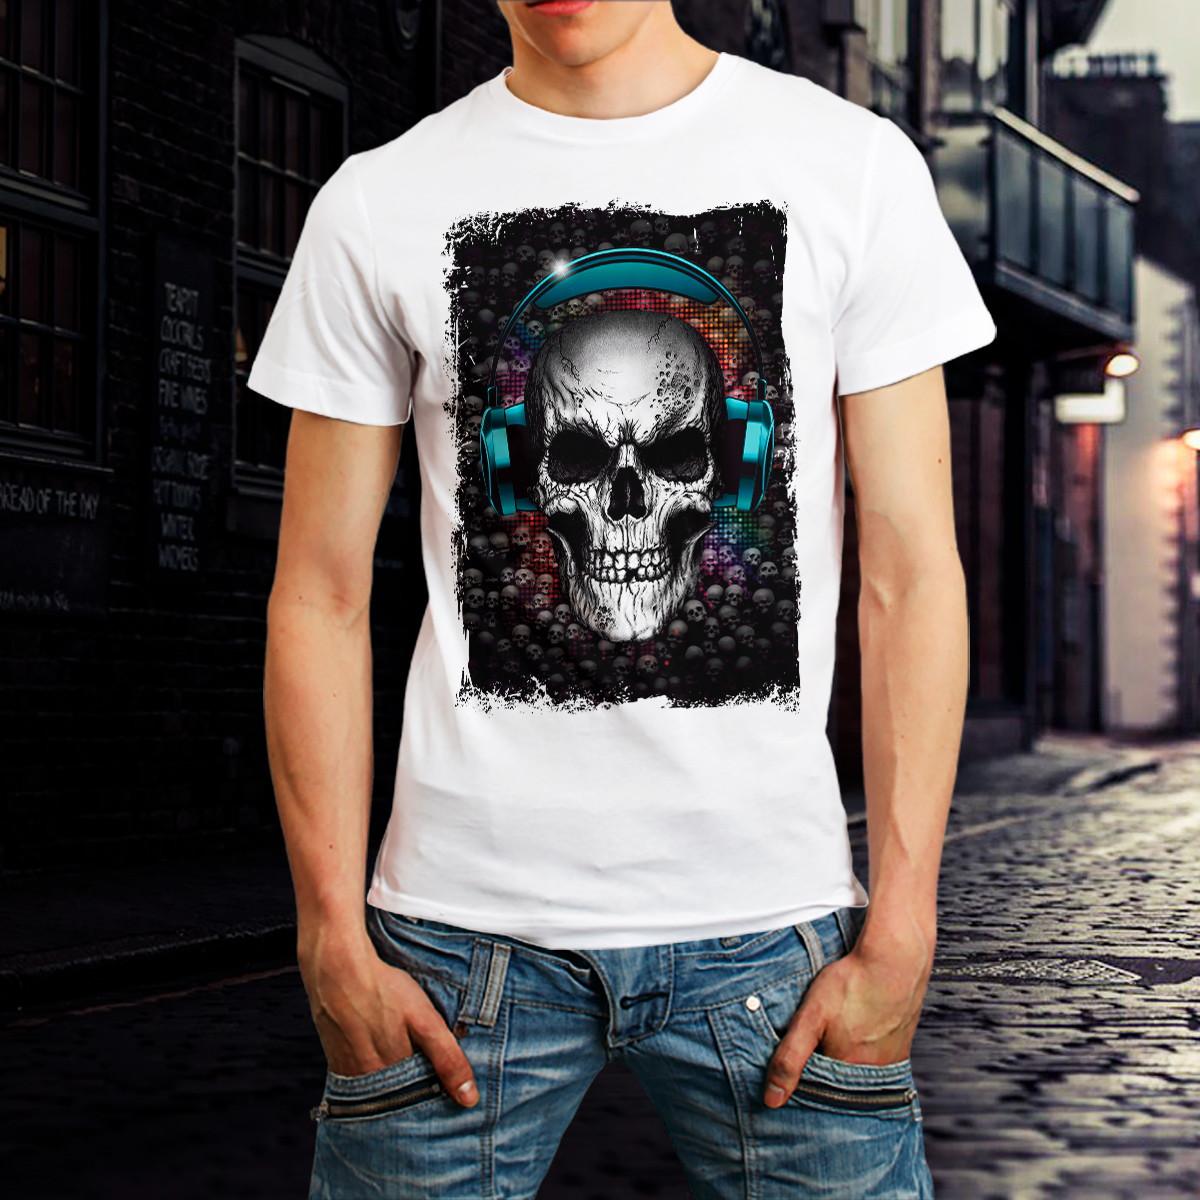 Camiseta Caveira Skull Camisa Roupa Masculina Branca BARATO no Elo7 ... 202350d170e8f